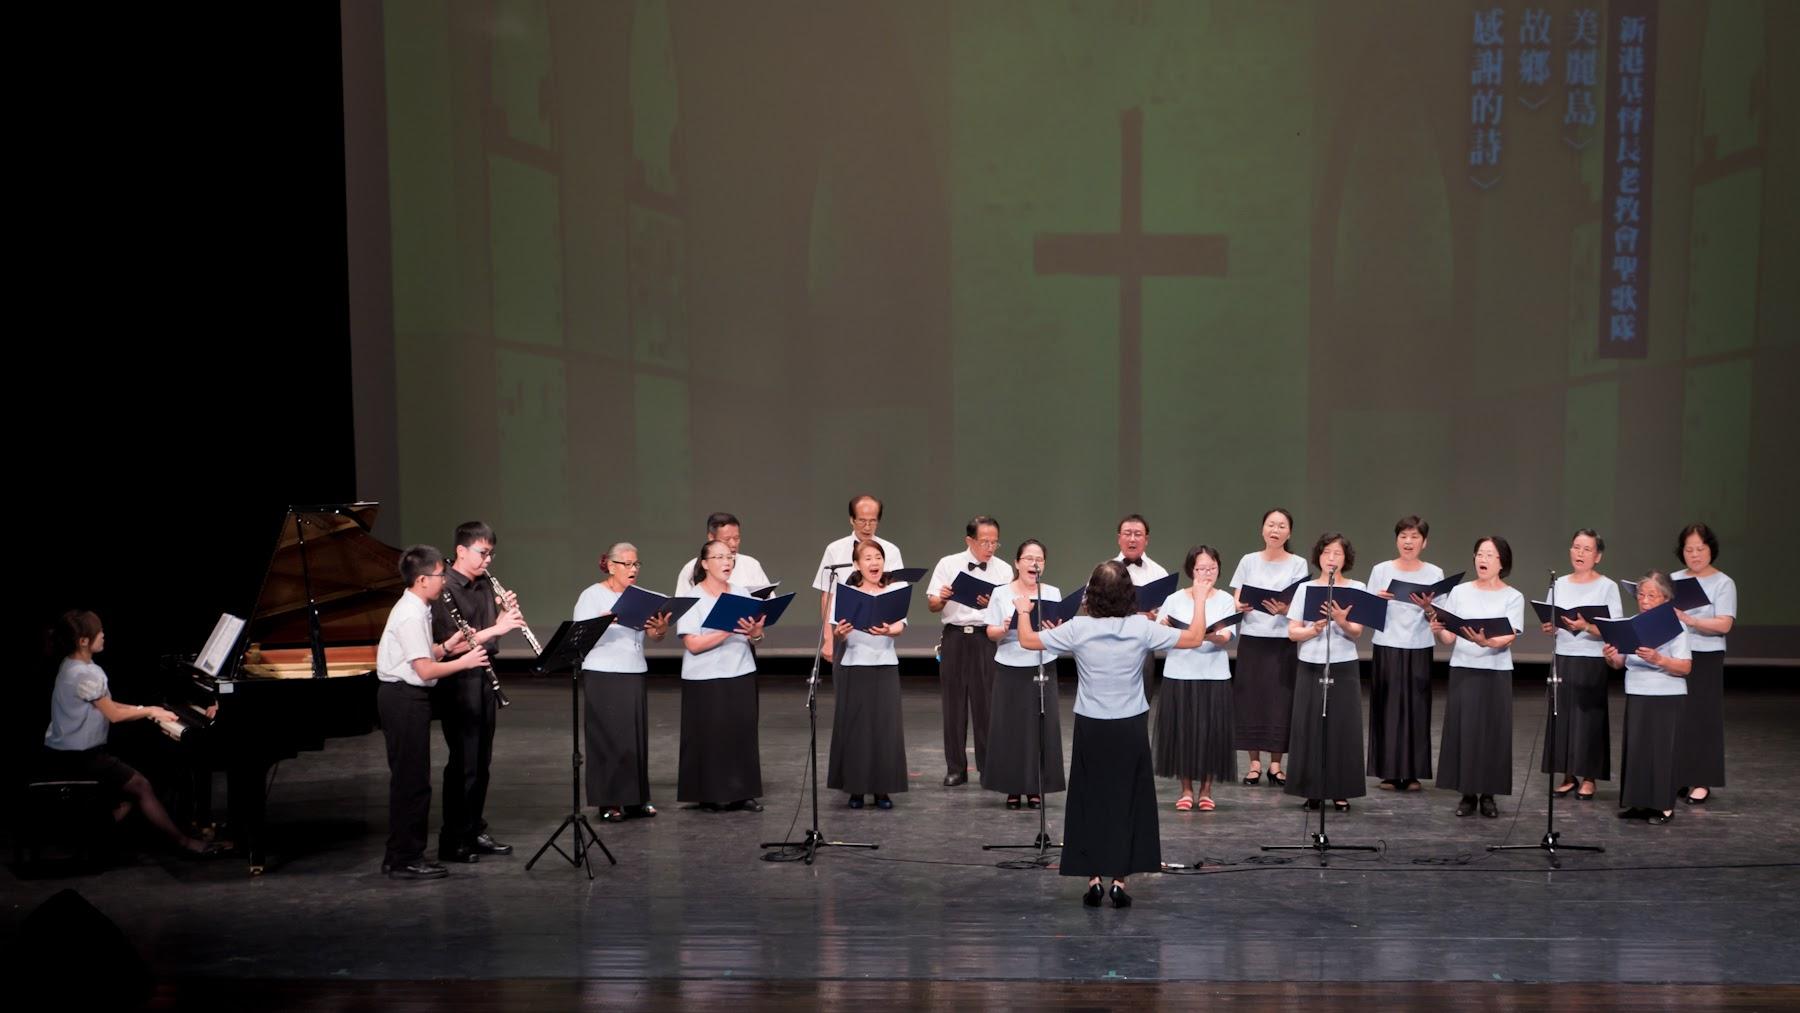 新港基督長老教會聖歌隊。